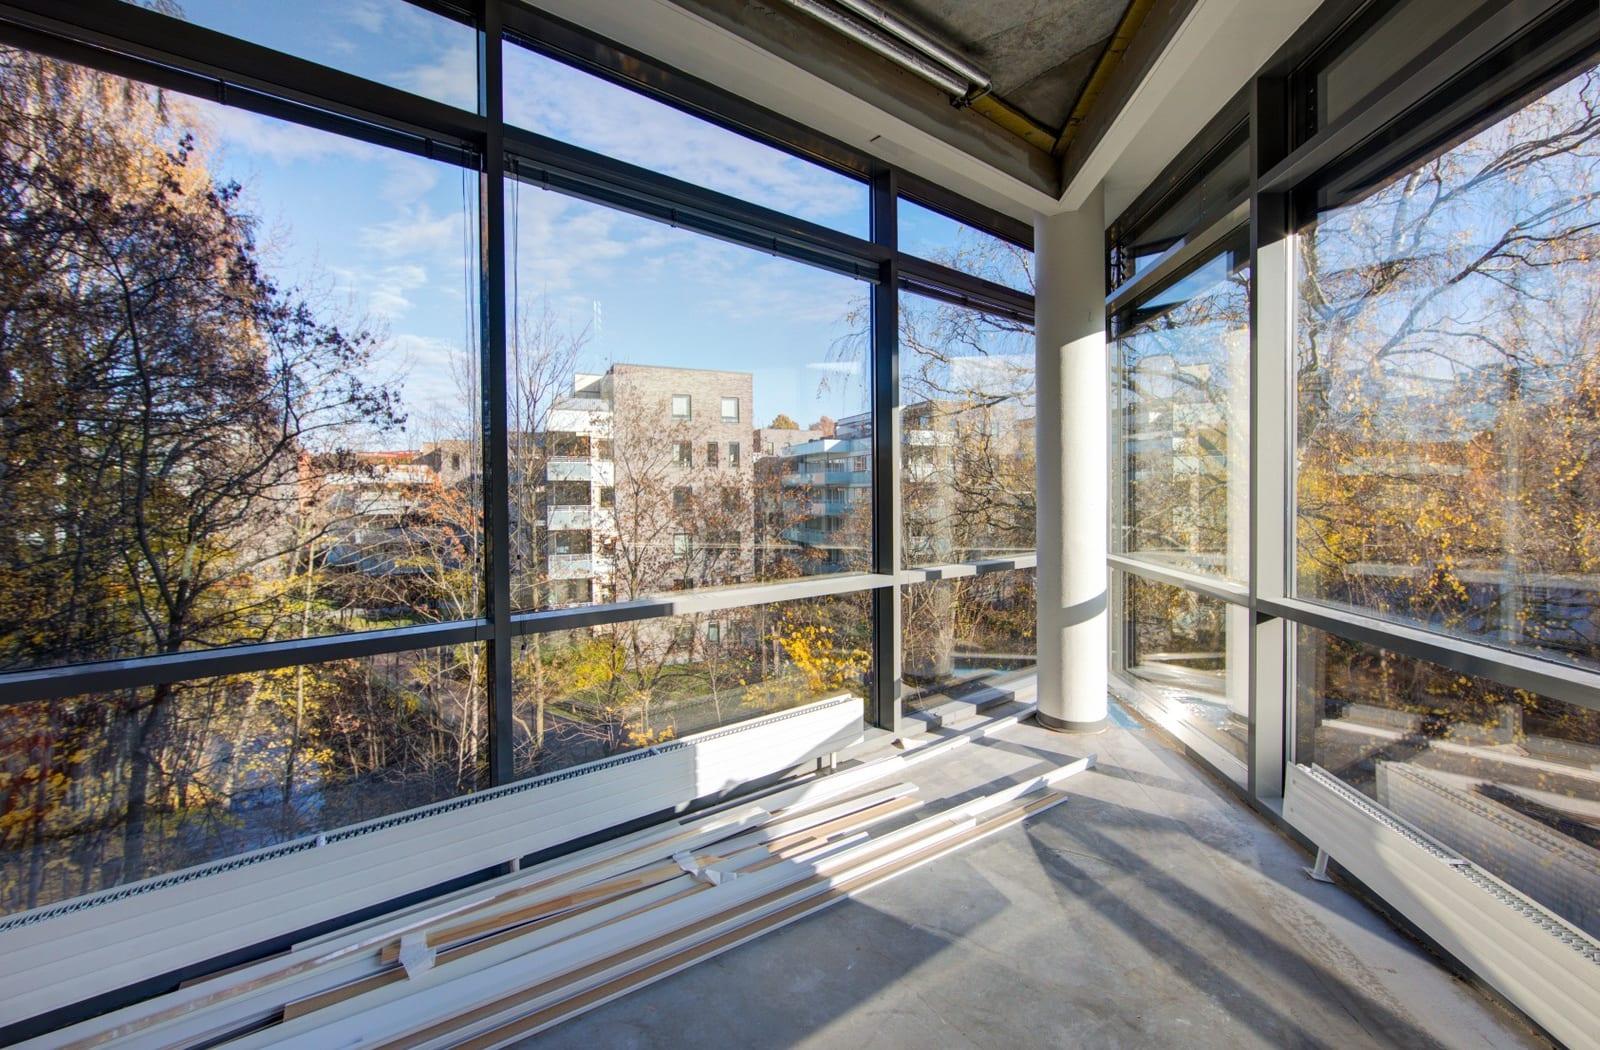 Lokalene er ribbet til betongen og kan utformes til leietakers ønsker og behov